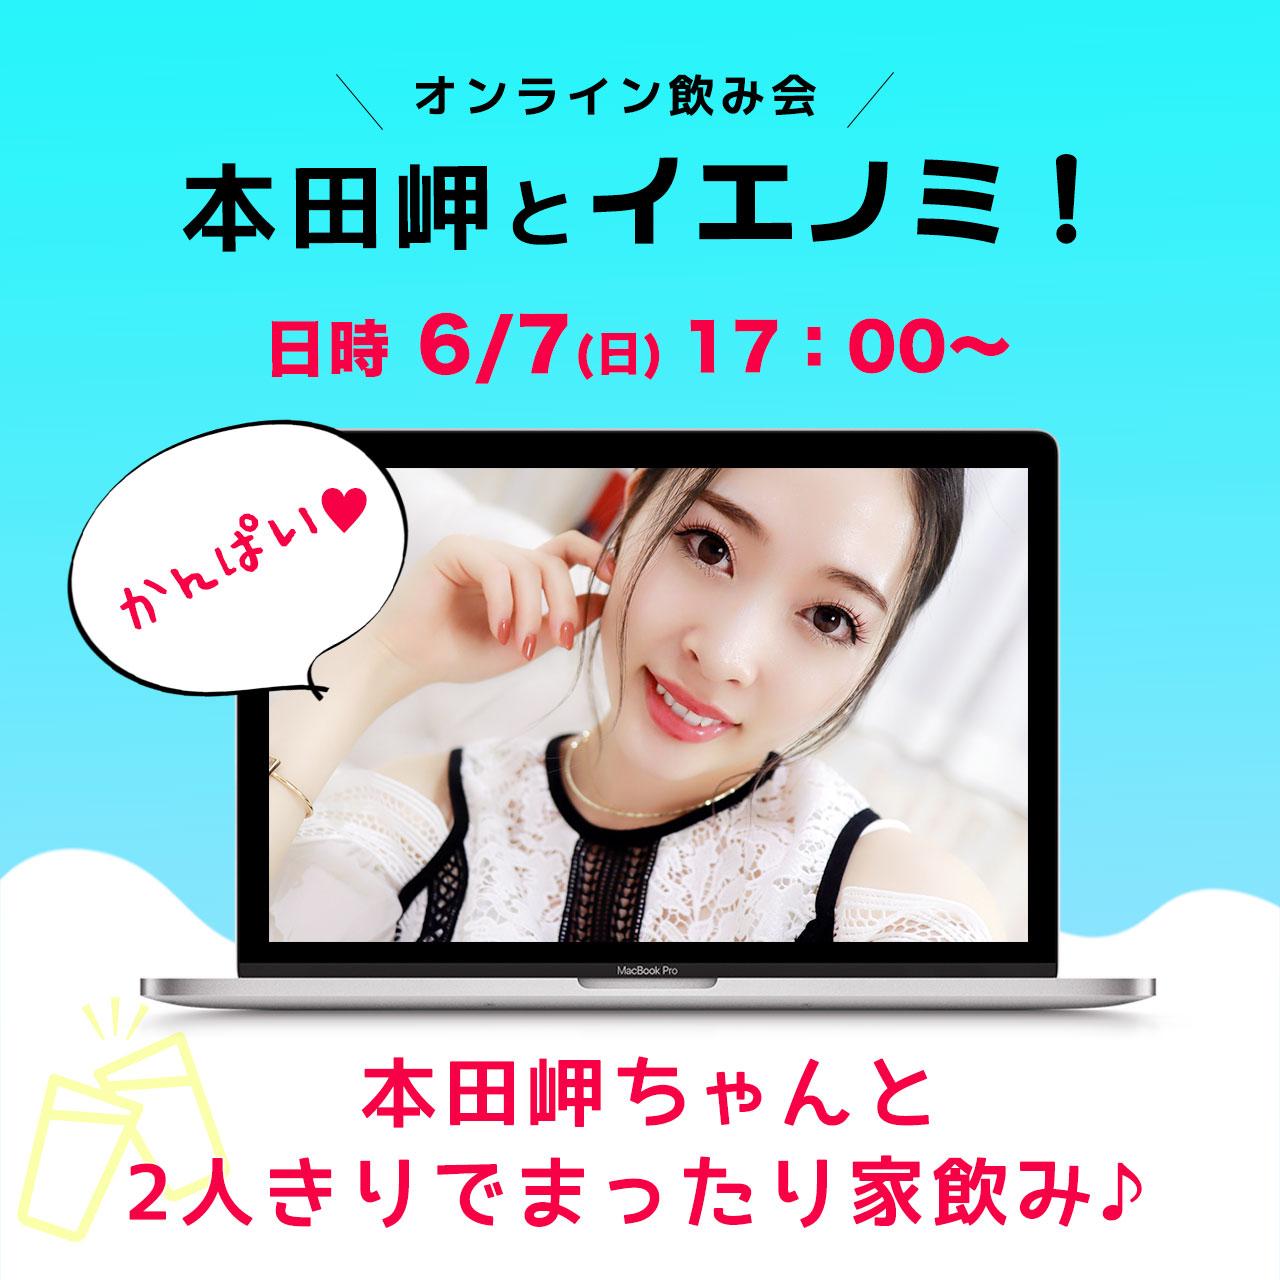 6/7(日)オンライン飲み会!本田岬とイエノミ!